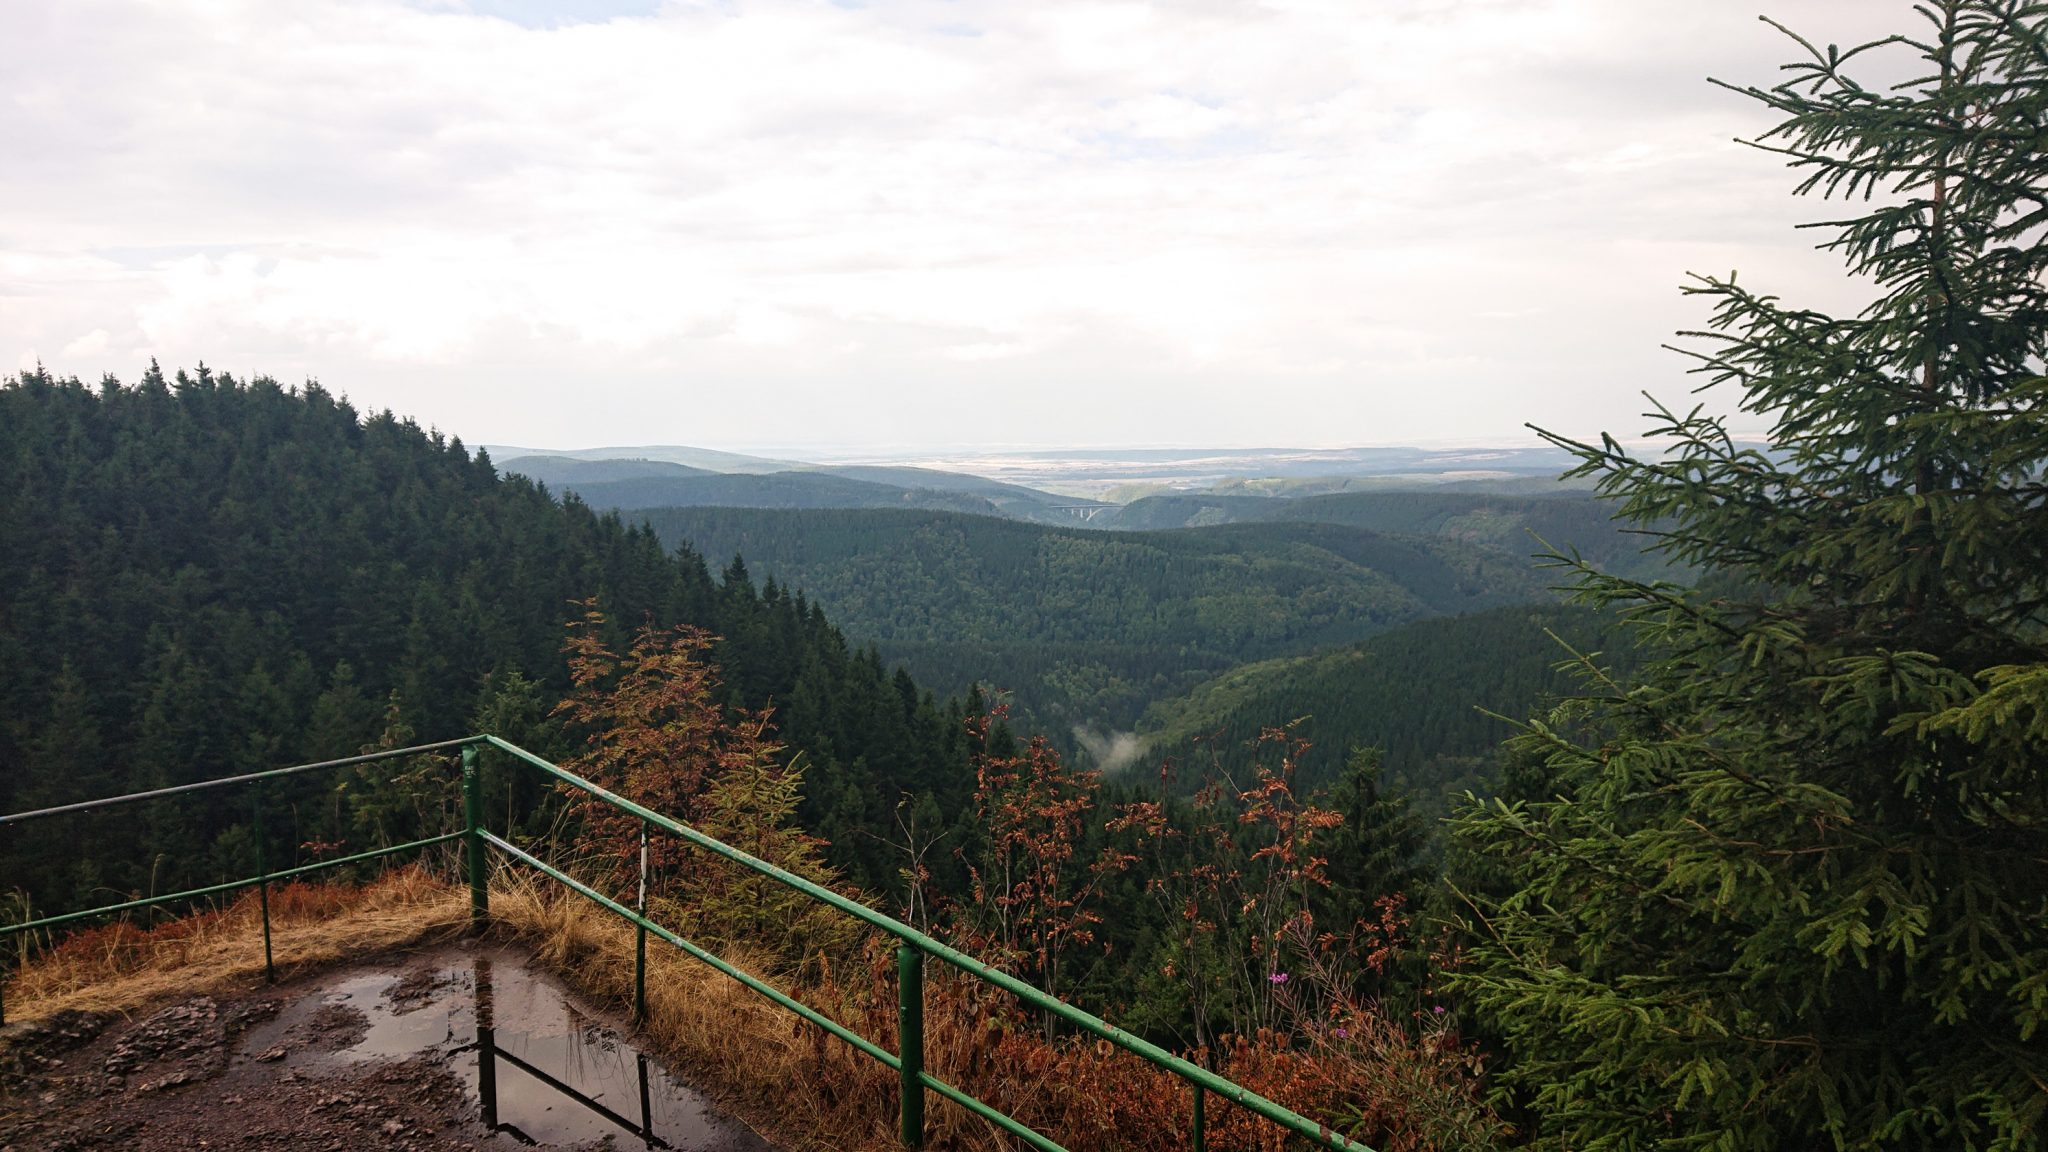 Großer Beerberg Schneekopf und Teufelskanzel, Gipfeltour Wanderung im Thüringer Wald, Aussicht auf Thüringer Wald von Teufelskanzel